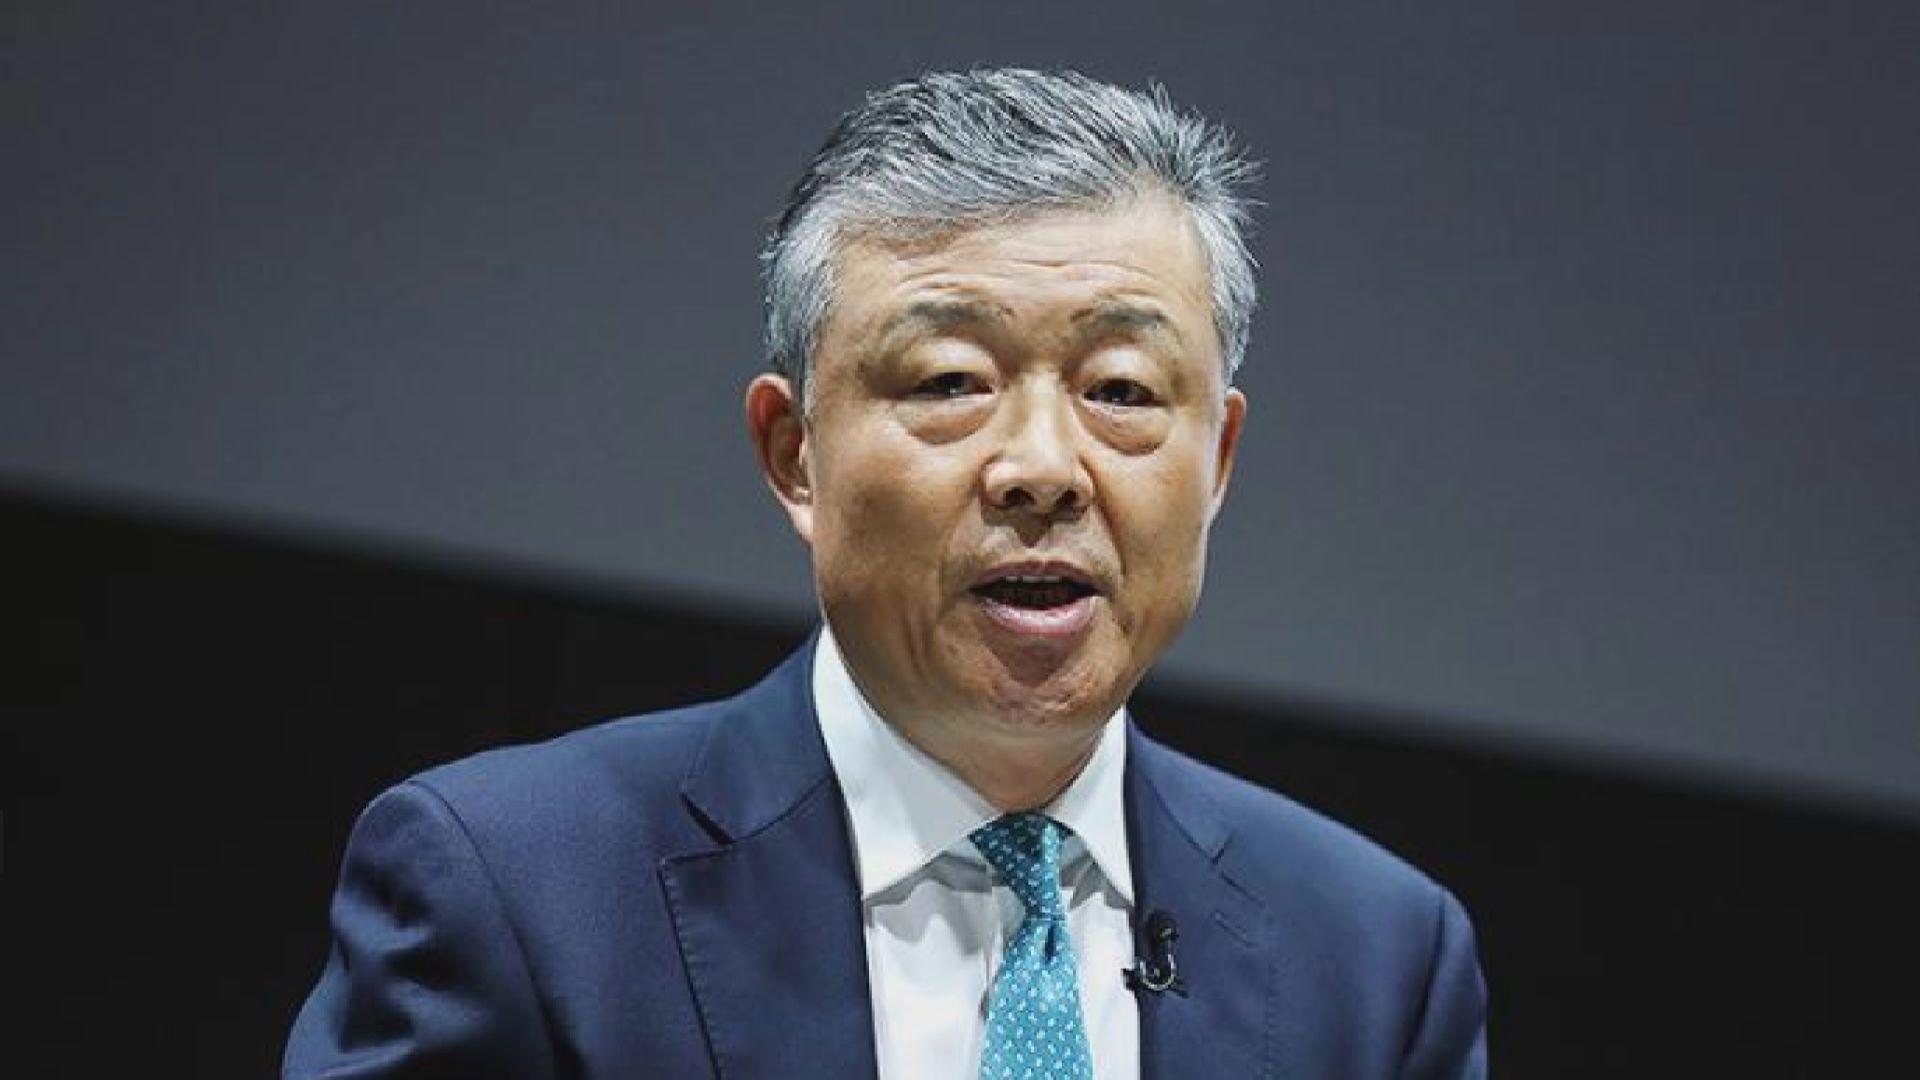 中國駐英大使稱視中國為安全風險是「莫須有」